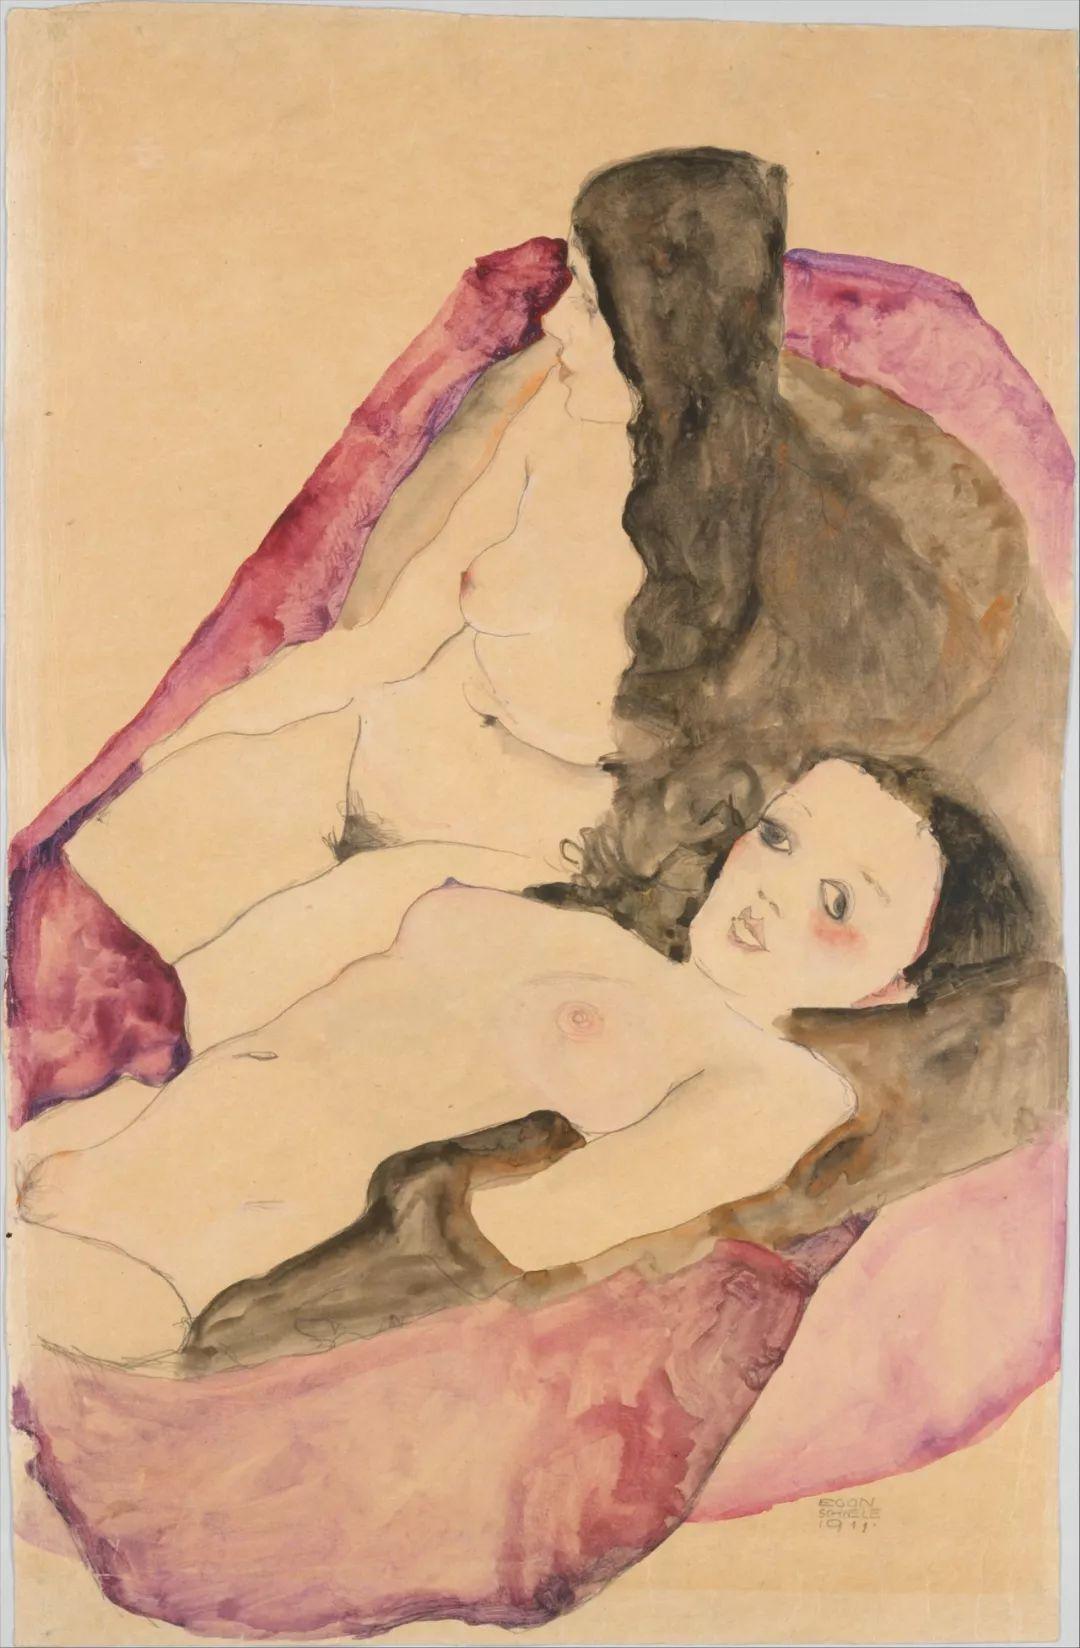 年仅28岁,生前遭受非议,死后却被捧为直逼心灵的艺术家插图163